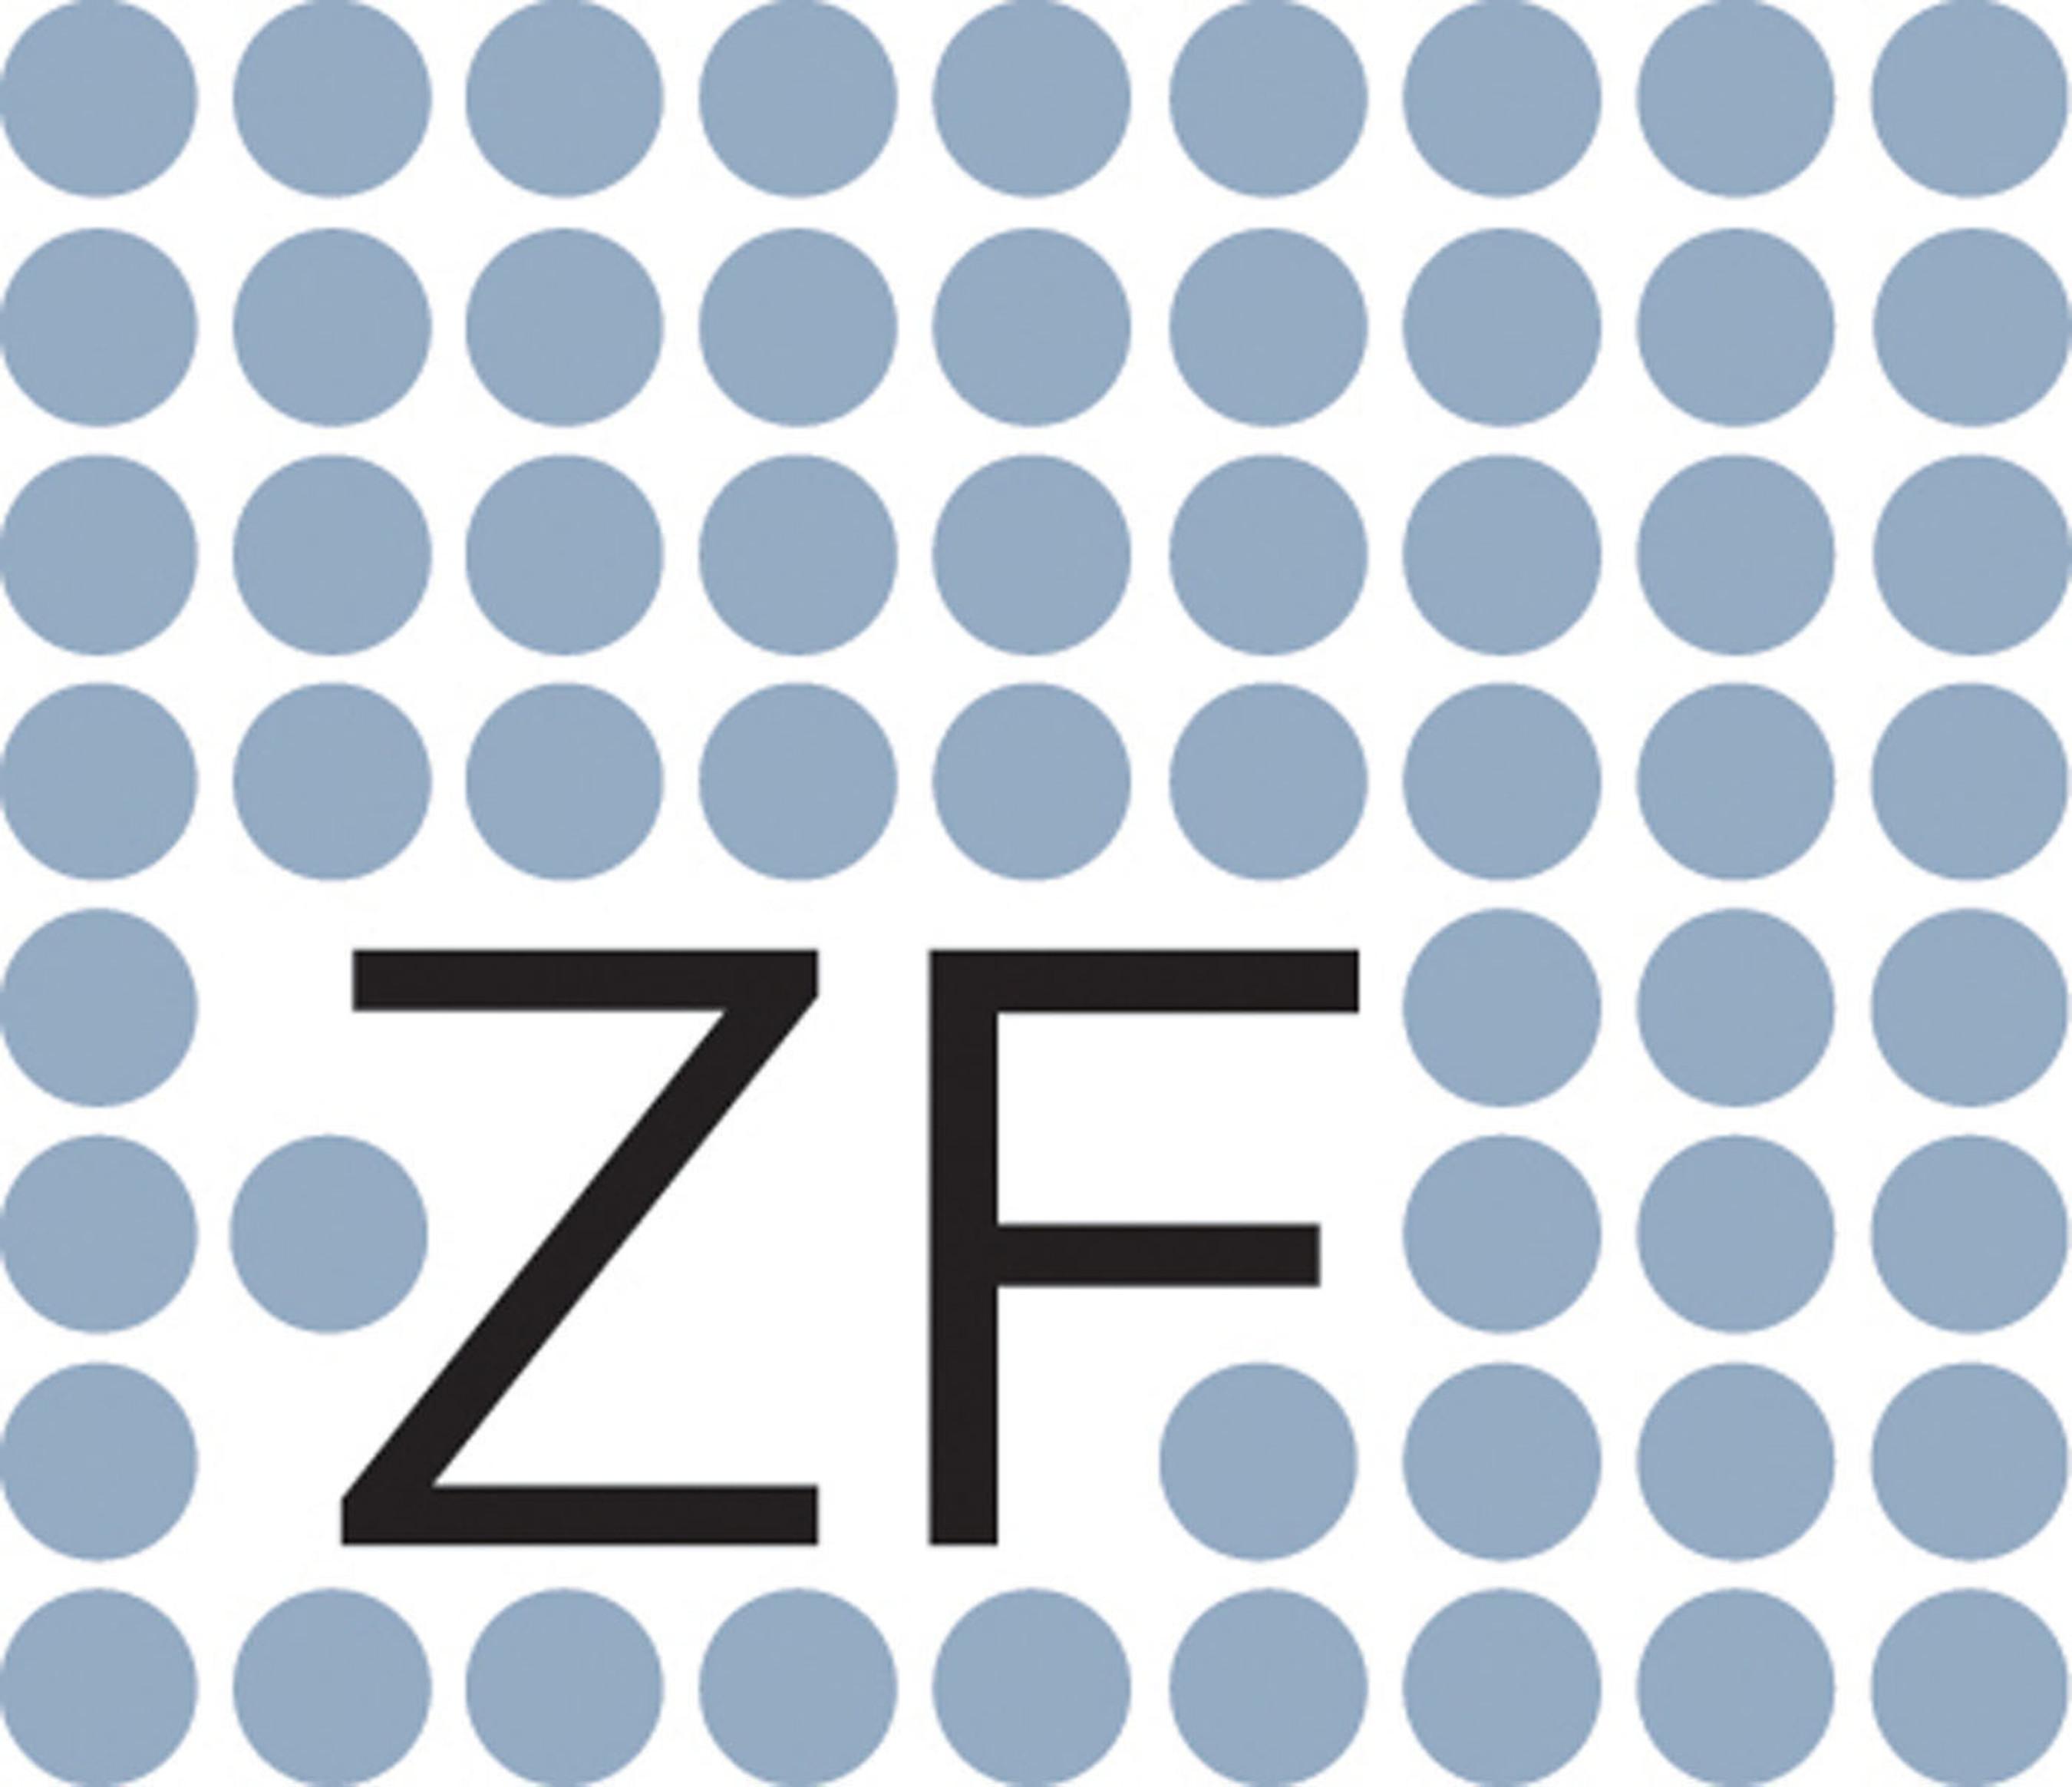 www.zengerfolkman.com.